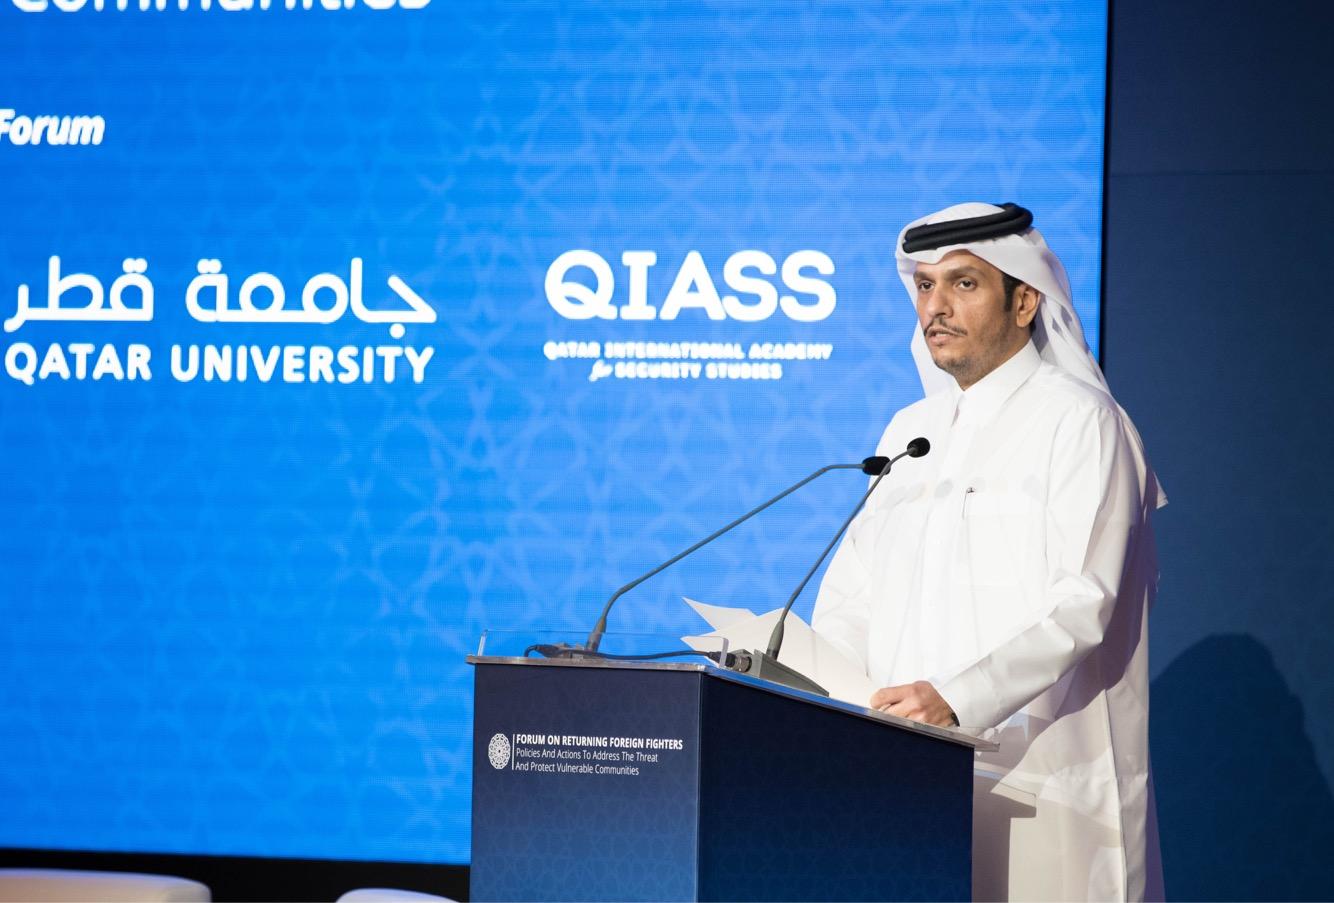 نائب رئيس مجلس الوزراء وزير الخارجية: قطر شريك فاعل في التعاضد الدولي لمواجهة الإرهاب